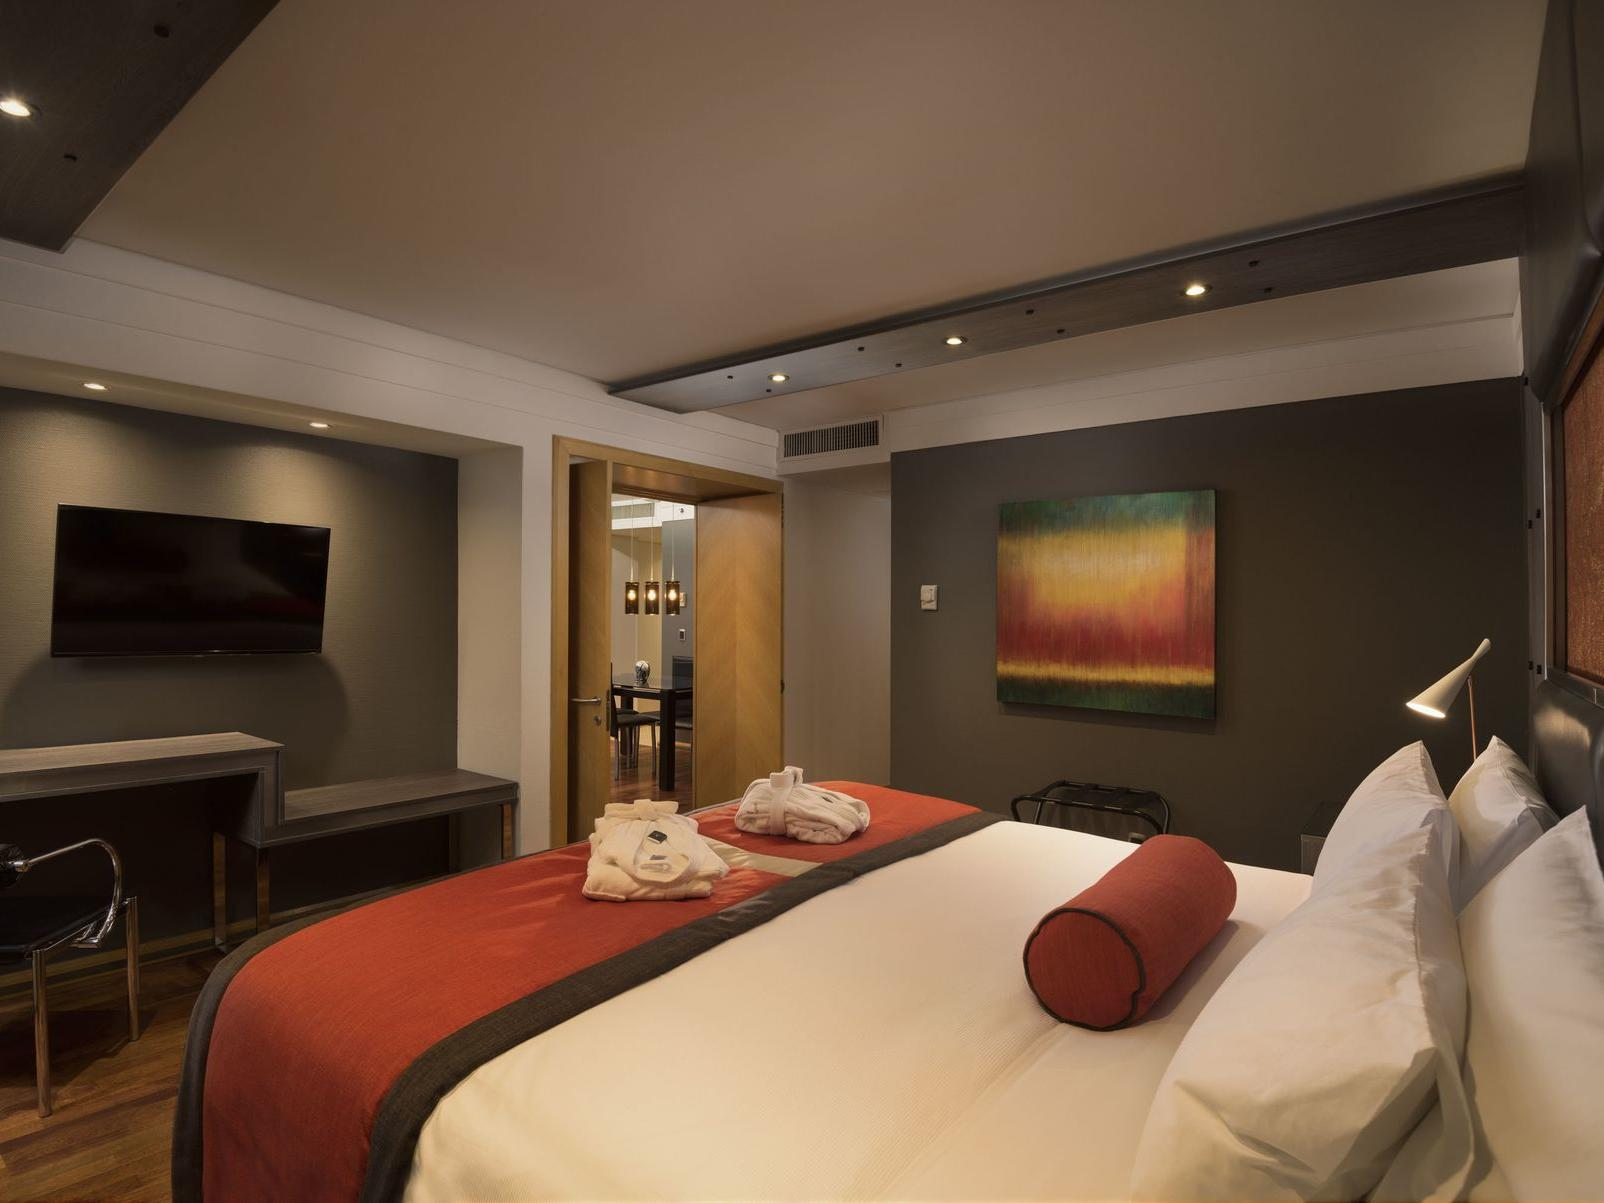 king bed at night